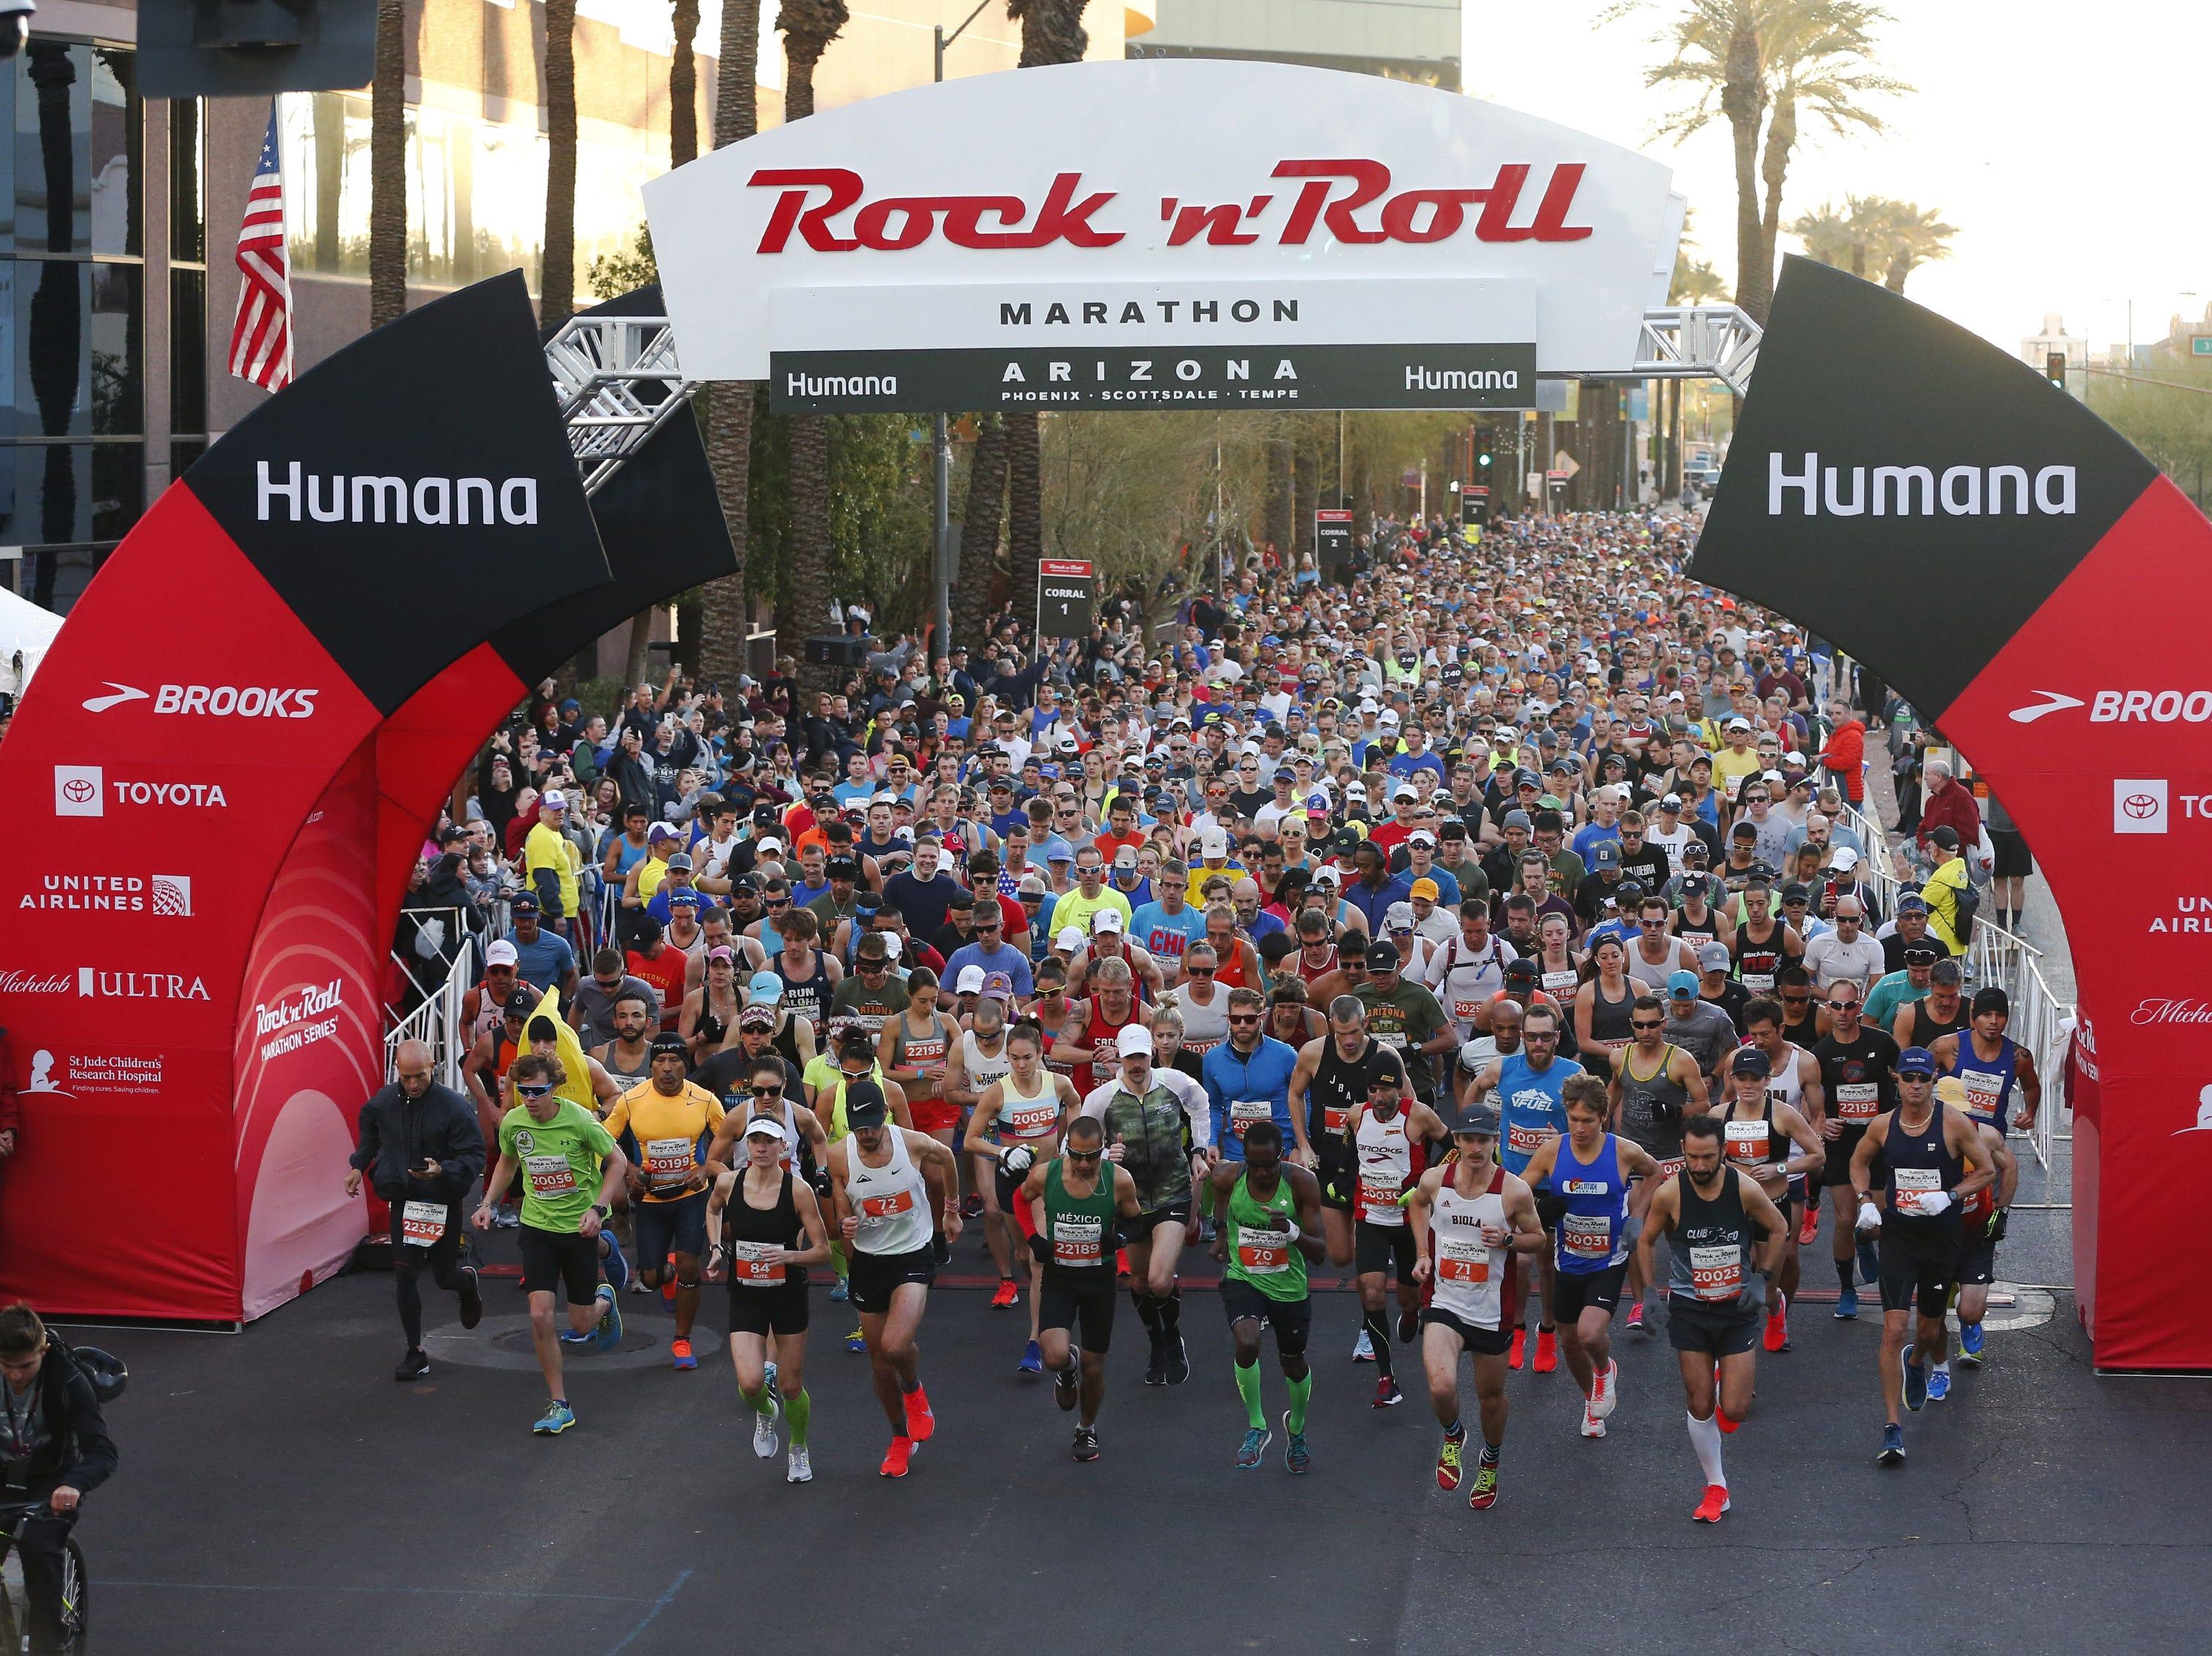 Runners start the Rock 'N' Roll Marathon in Phoenix on Jan. 20, 2019.